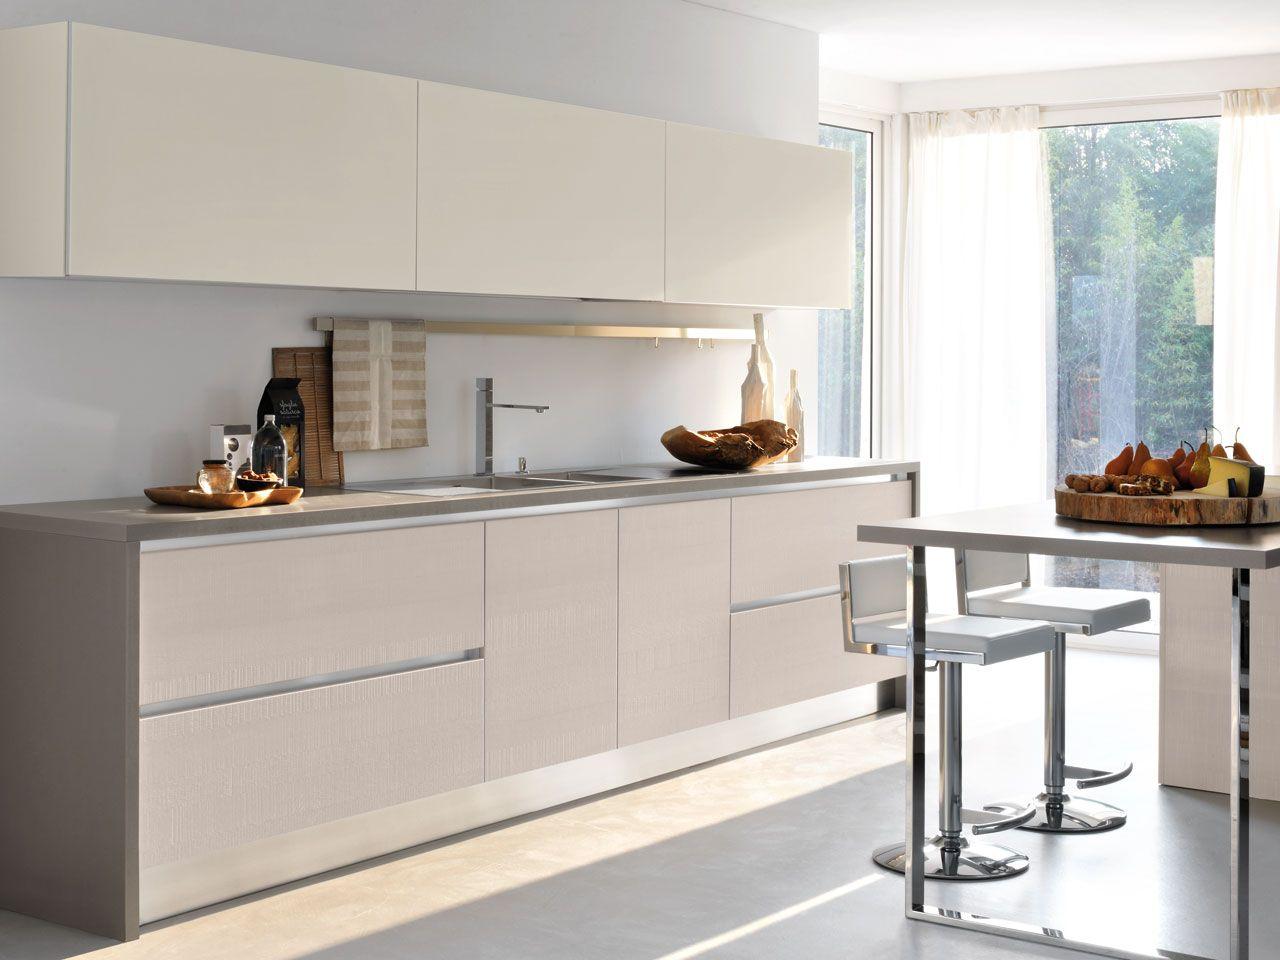 Cucina componibile laccata con maniglie integrate - Cucine lube brava ...